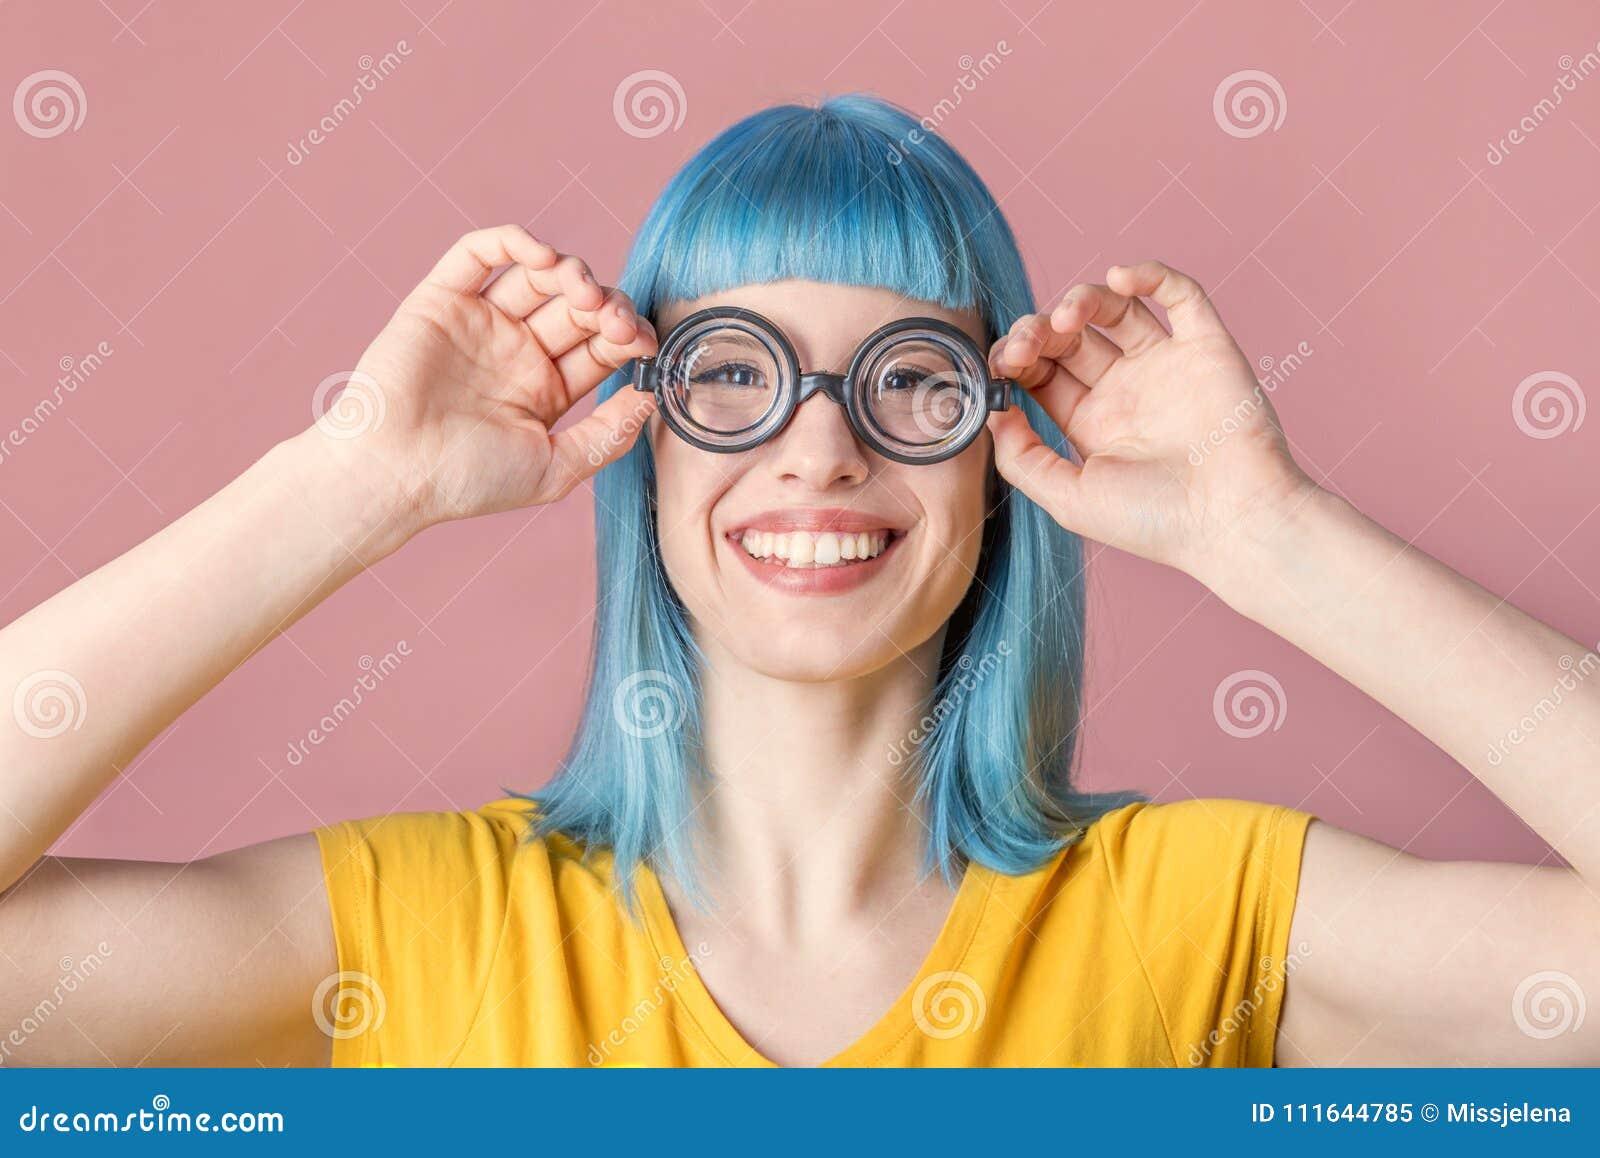 Junge Frau mit lustigen Gläsern